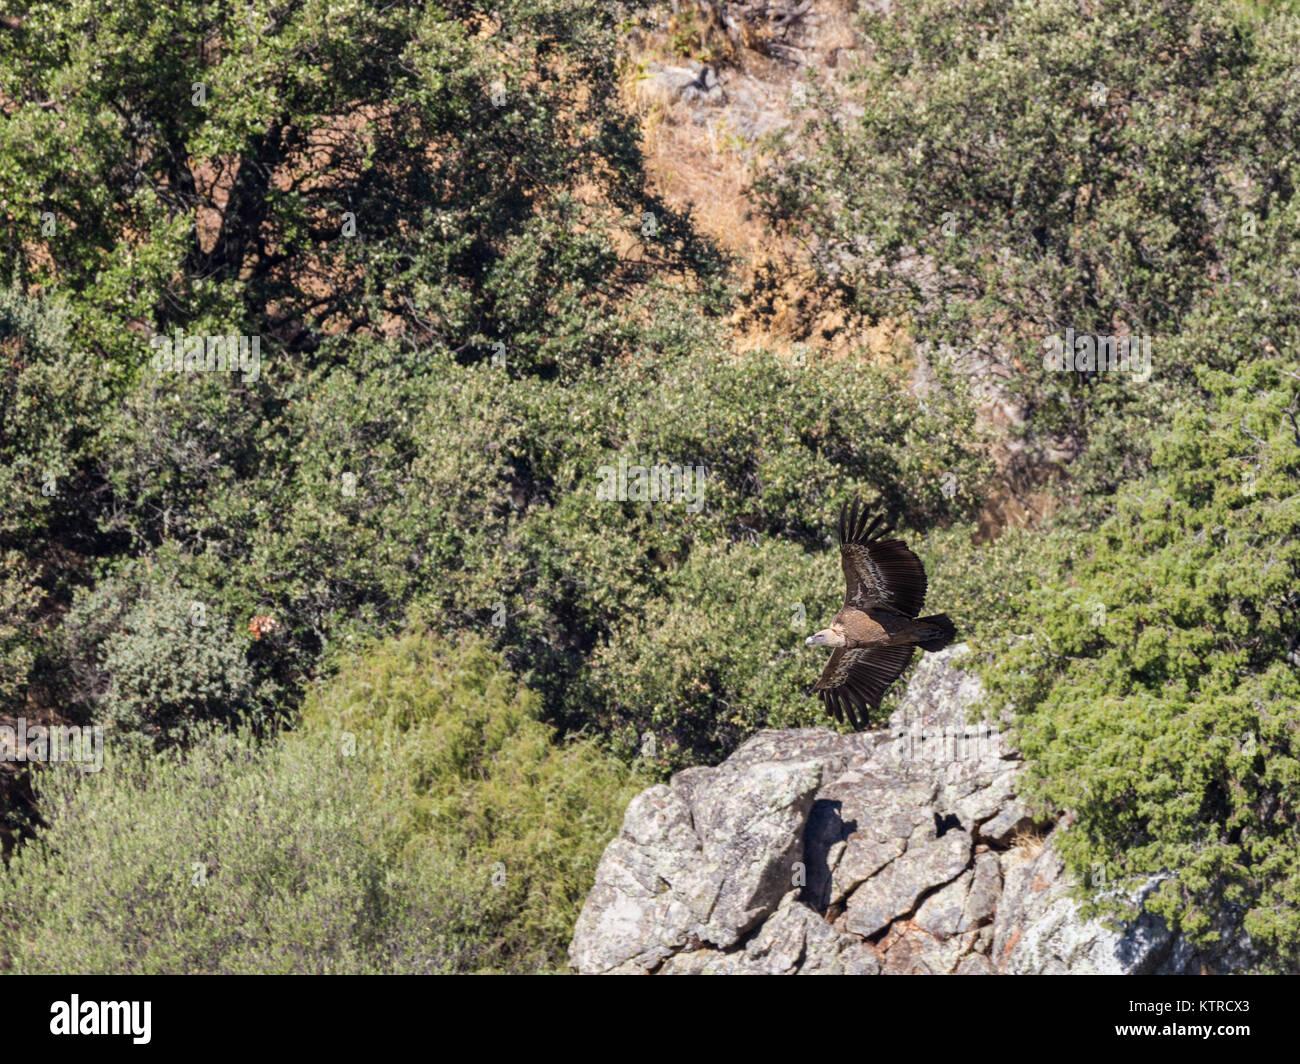 Grifone in volo presso il Parco Nazionale di Monfragüe. Extremadura. Spagna. Immagini Stock